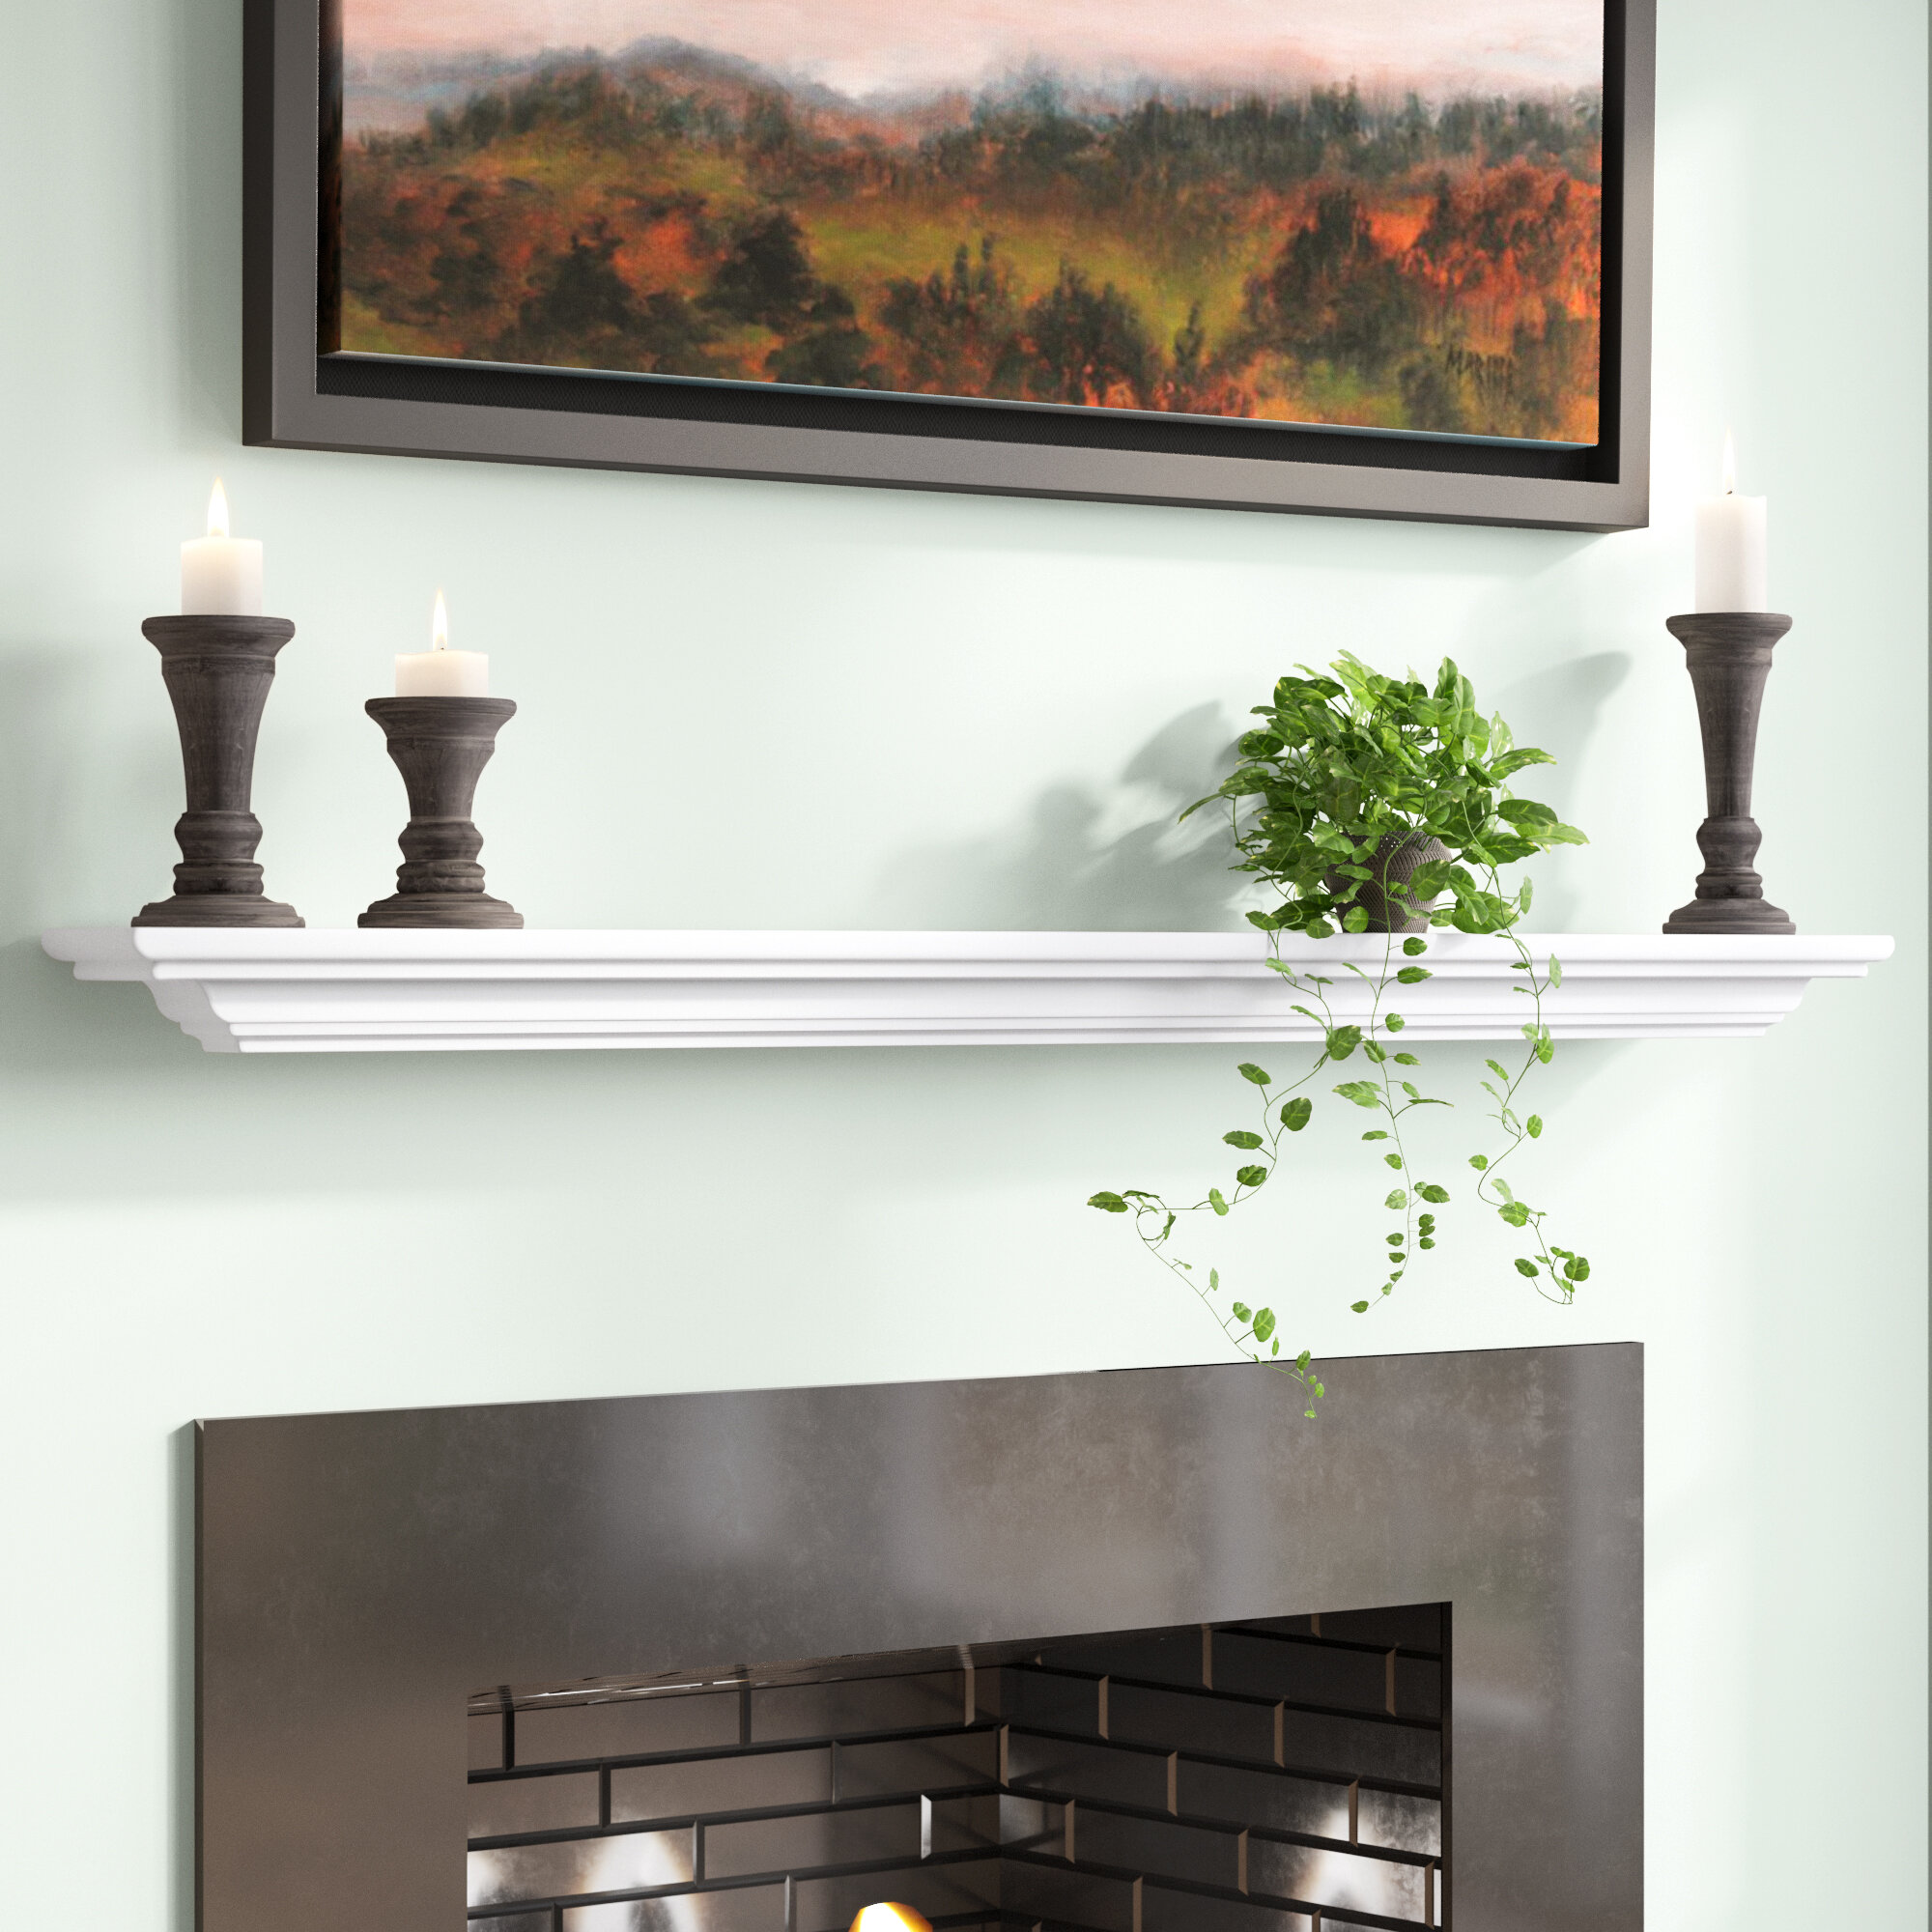 Hyder Fireplace Mantel Shelf